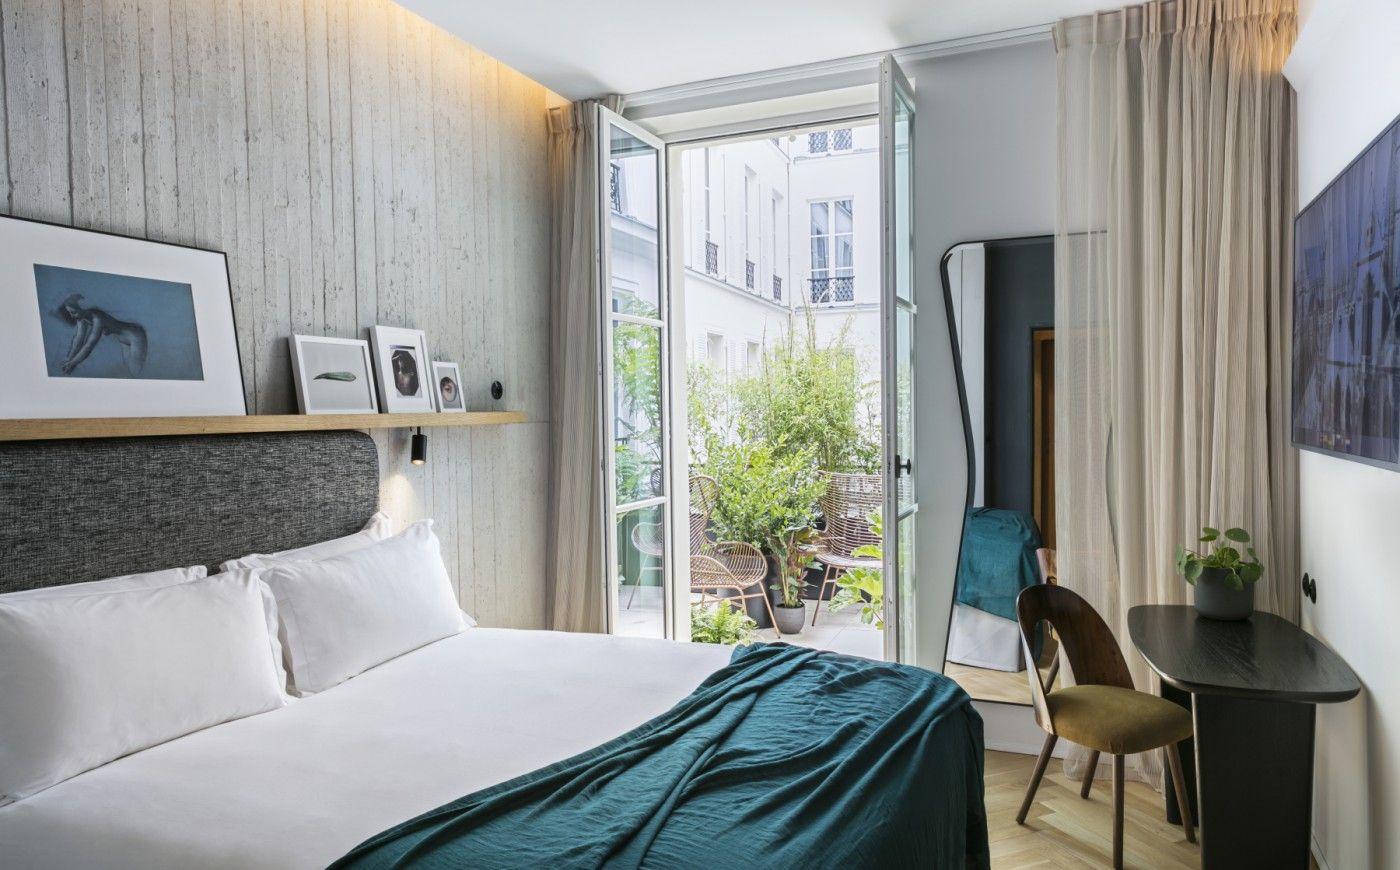 Chambres Hotel Paris 3 Eme Hotel National Des Arts Et Metiers